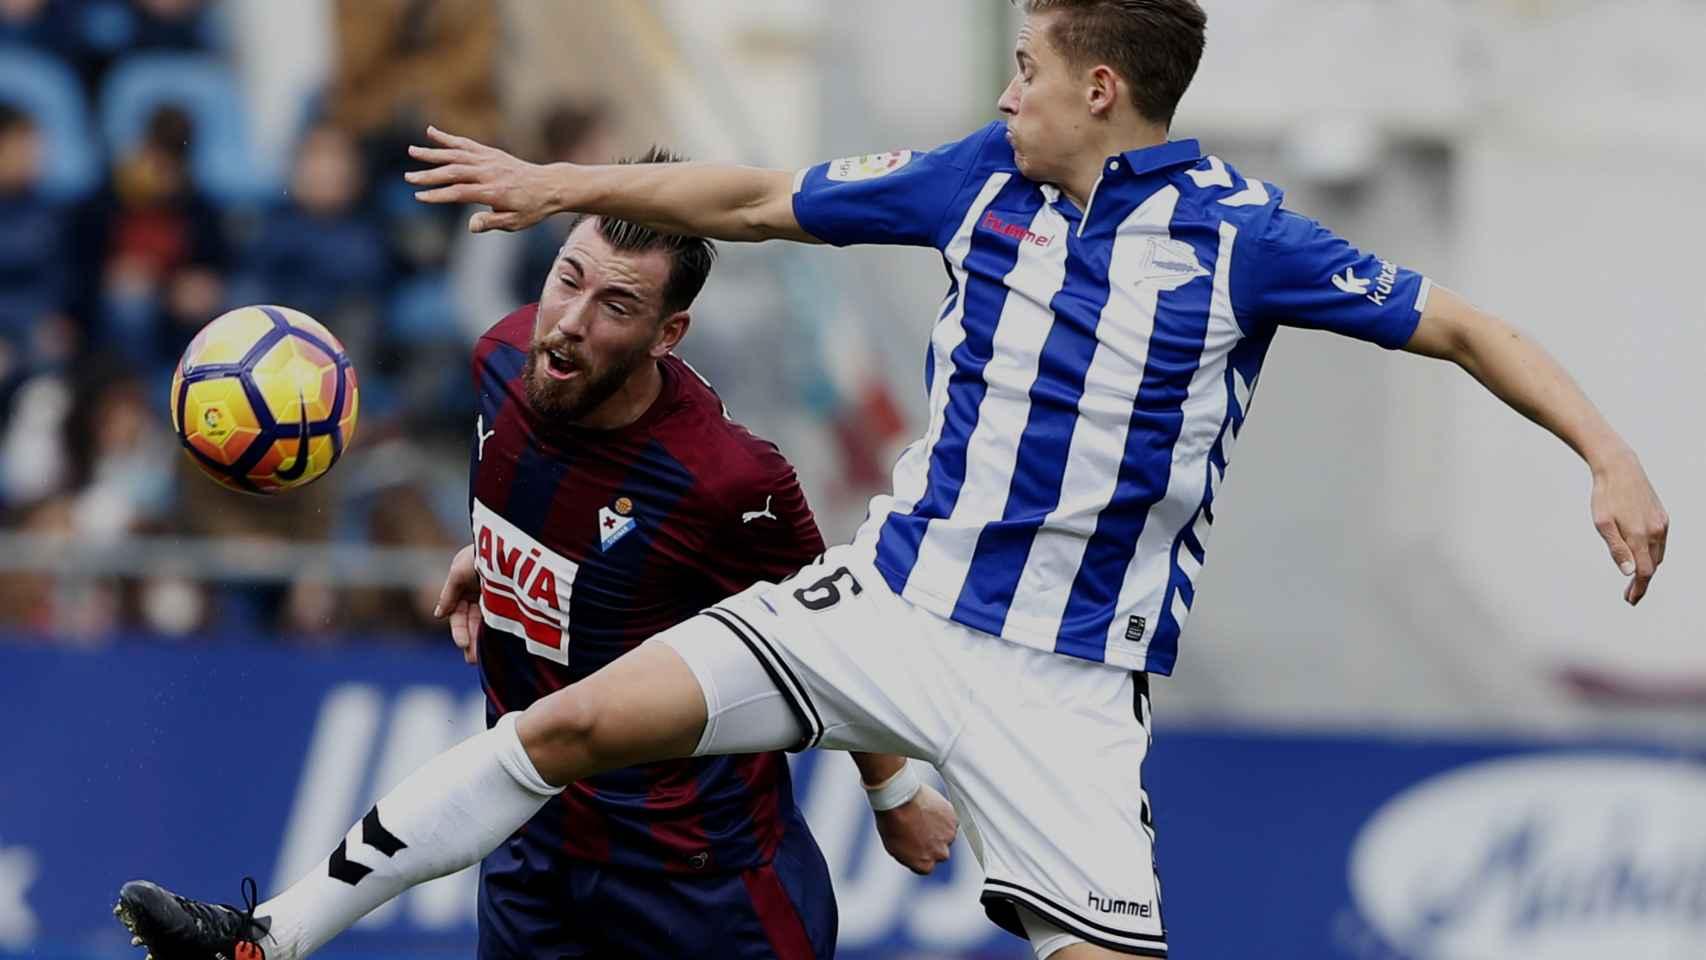 Partido de la Liga 2017-2018 entre el Eibar y Alavés.